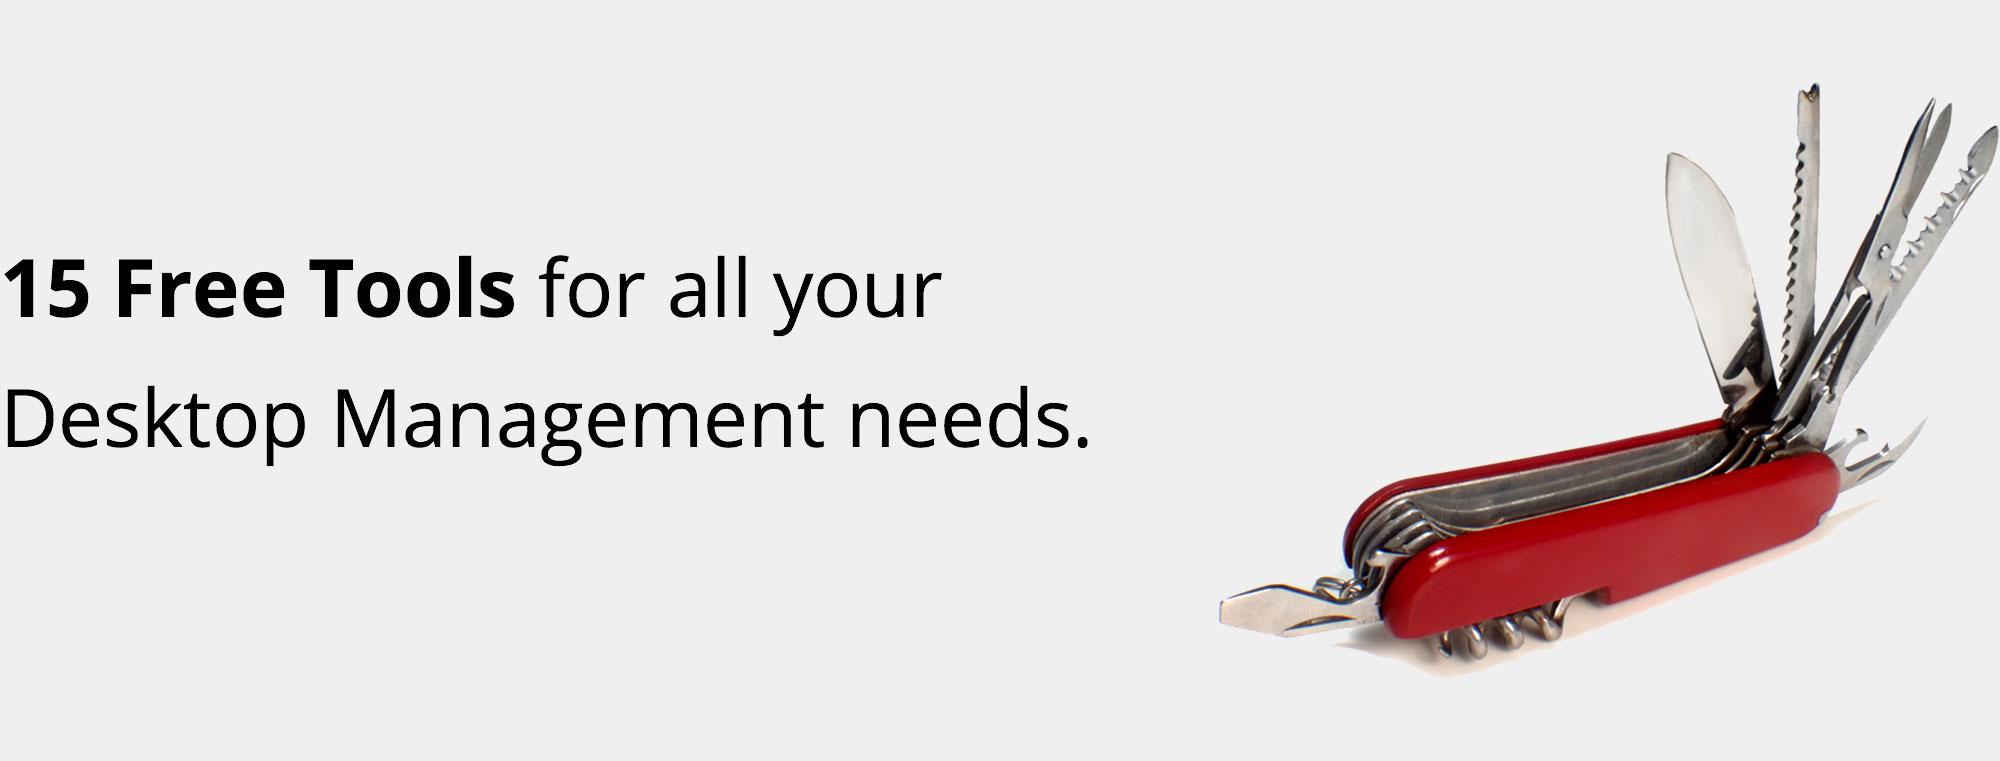 Free tools for desktop management.